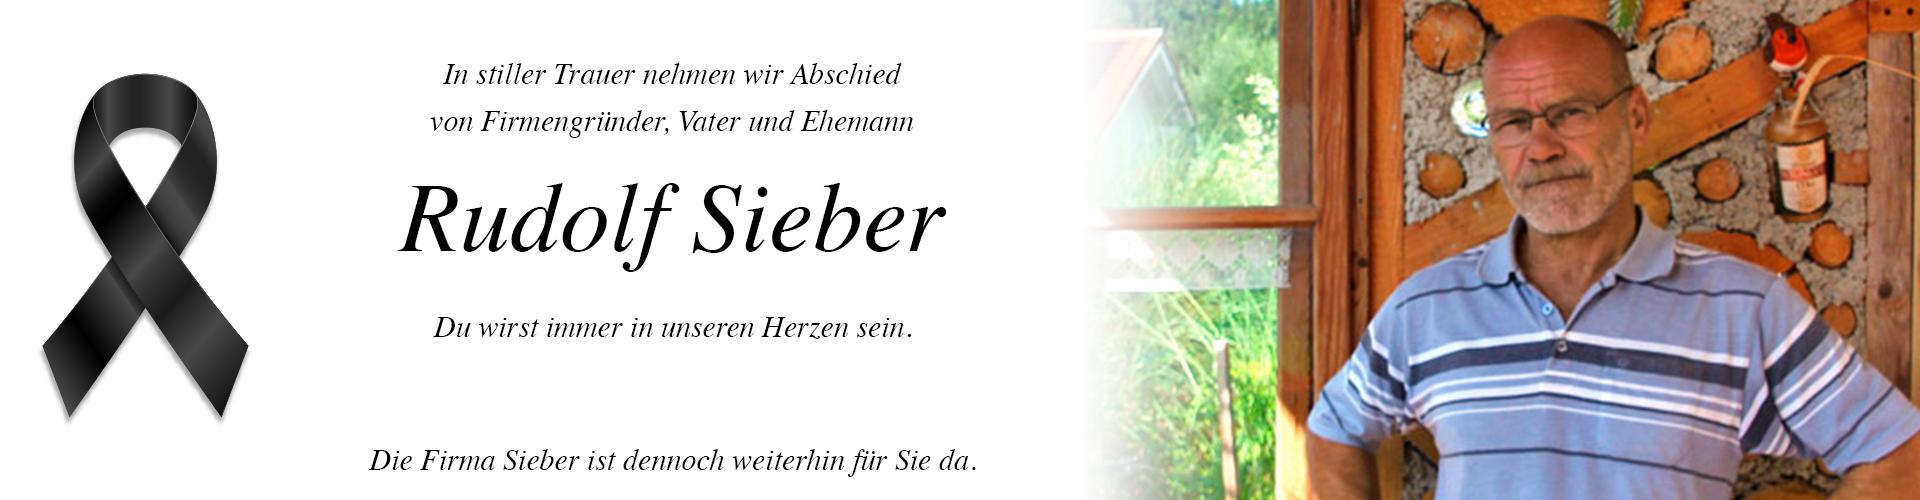 Rudolf-Sieber-Trauer